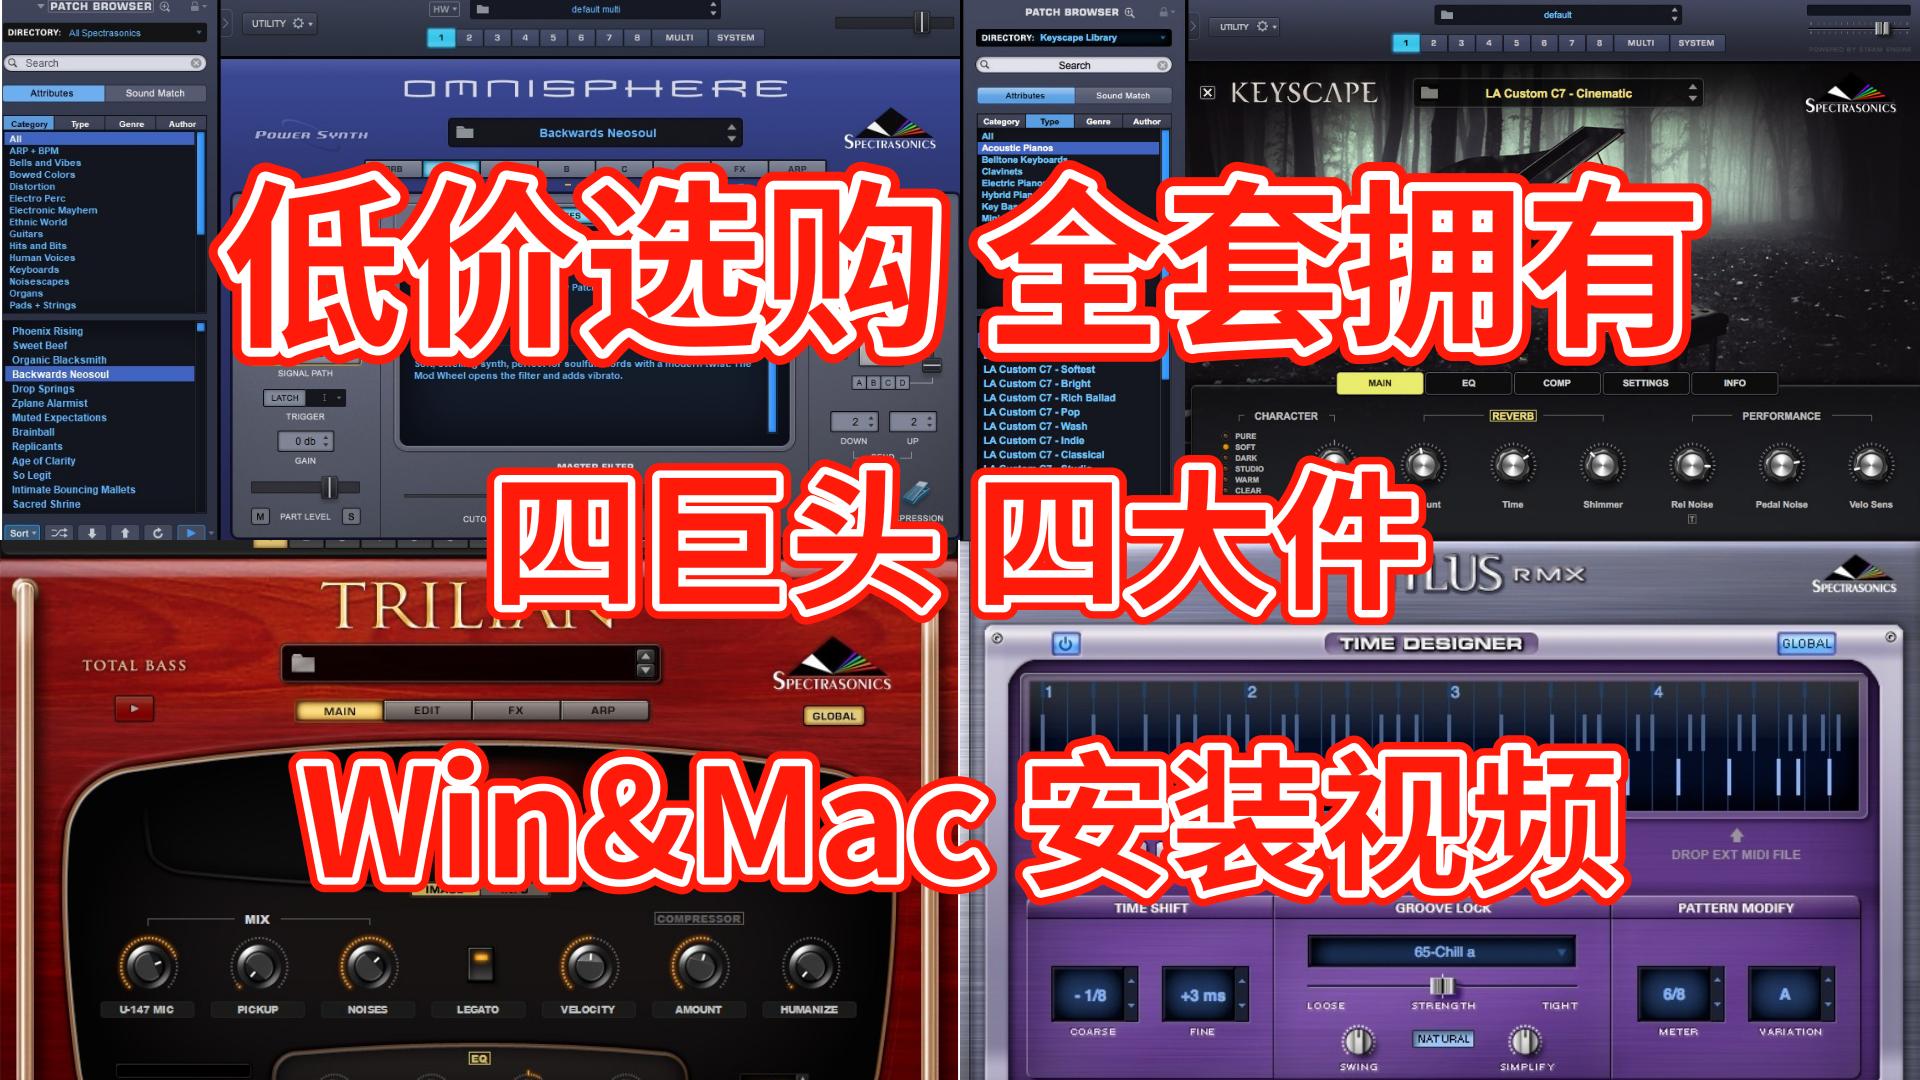 四巨头音源 – Spectrasonics Omnisphere2 keyscape Trilian Stylus RMX